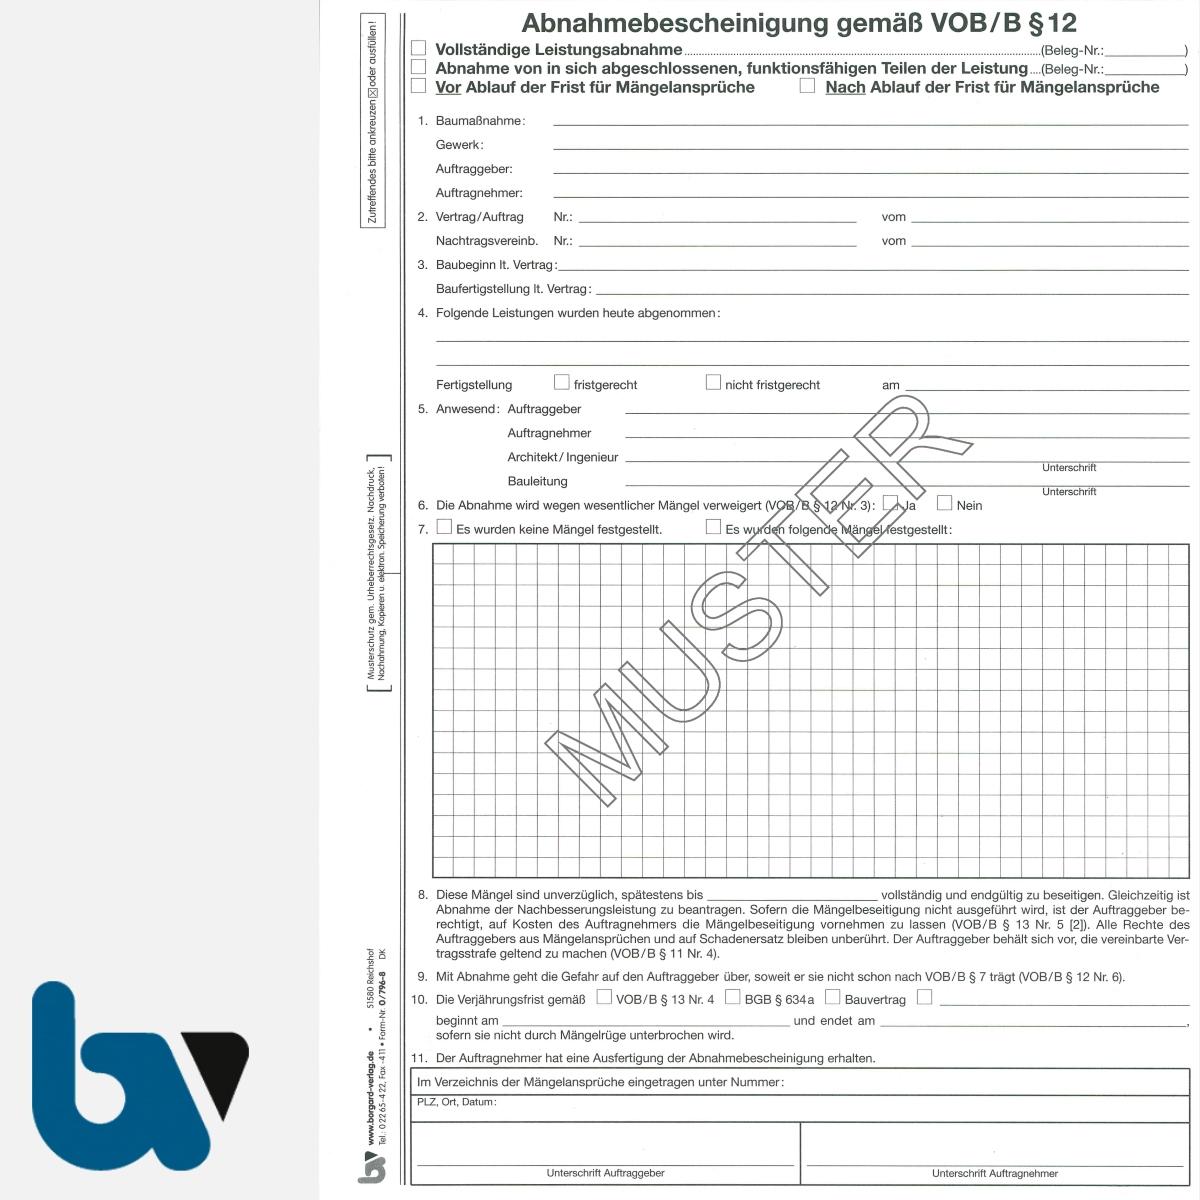 0/796-8 Abnahmebescheinigung VOB Vergabe Vertragsordnung Bauleistung selbstdurchschreibend Einschlagdeckel Durchschreibeschutz Durchschreibeverfahren DIN A4 Seite 1 | Borgard Verlag GmbH